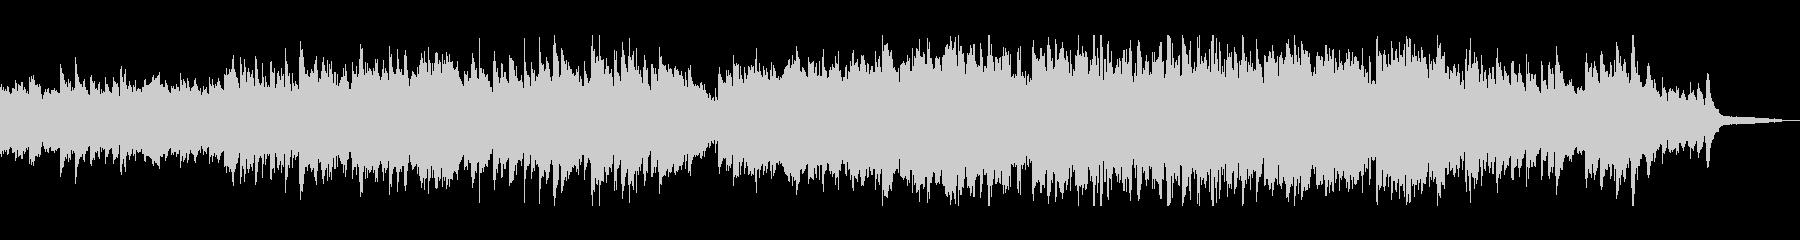 フルートとピアノのクラシックポップの未再生の波形